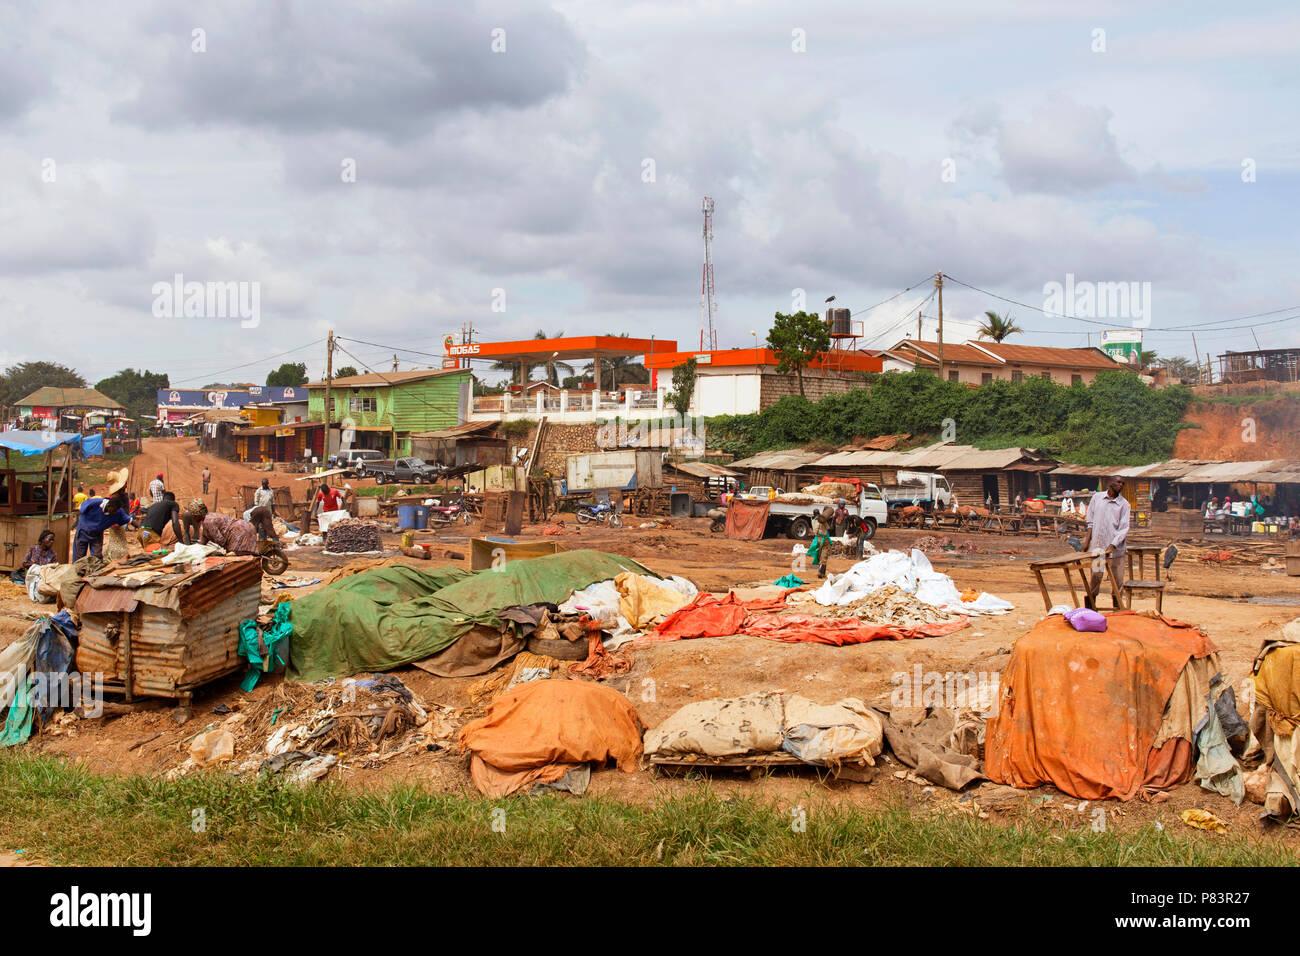 Site de traitement de déchets de poisson près de Kampala, Ouganda, Afrique de l'Est Photo Stock